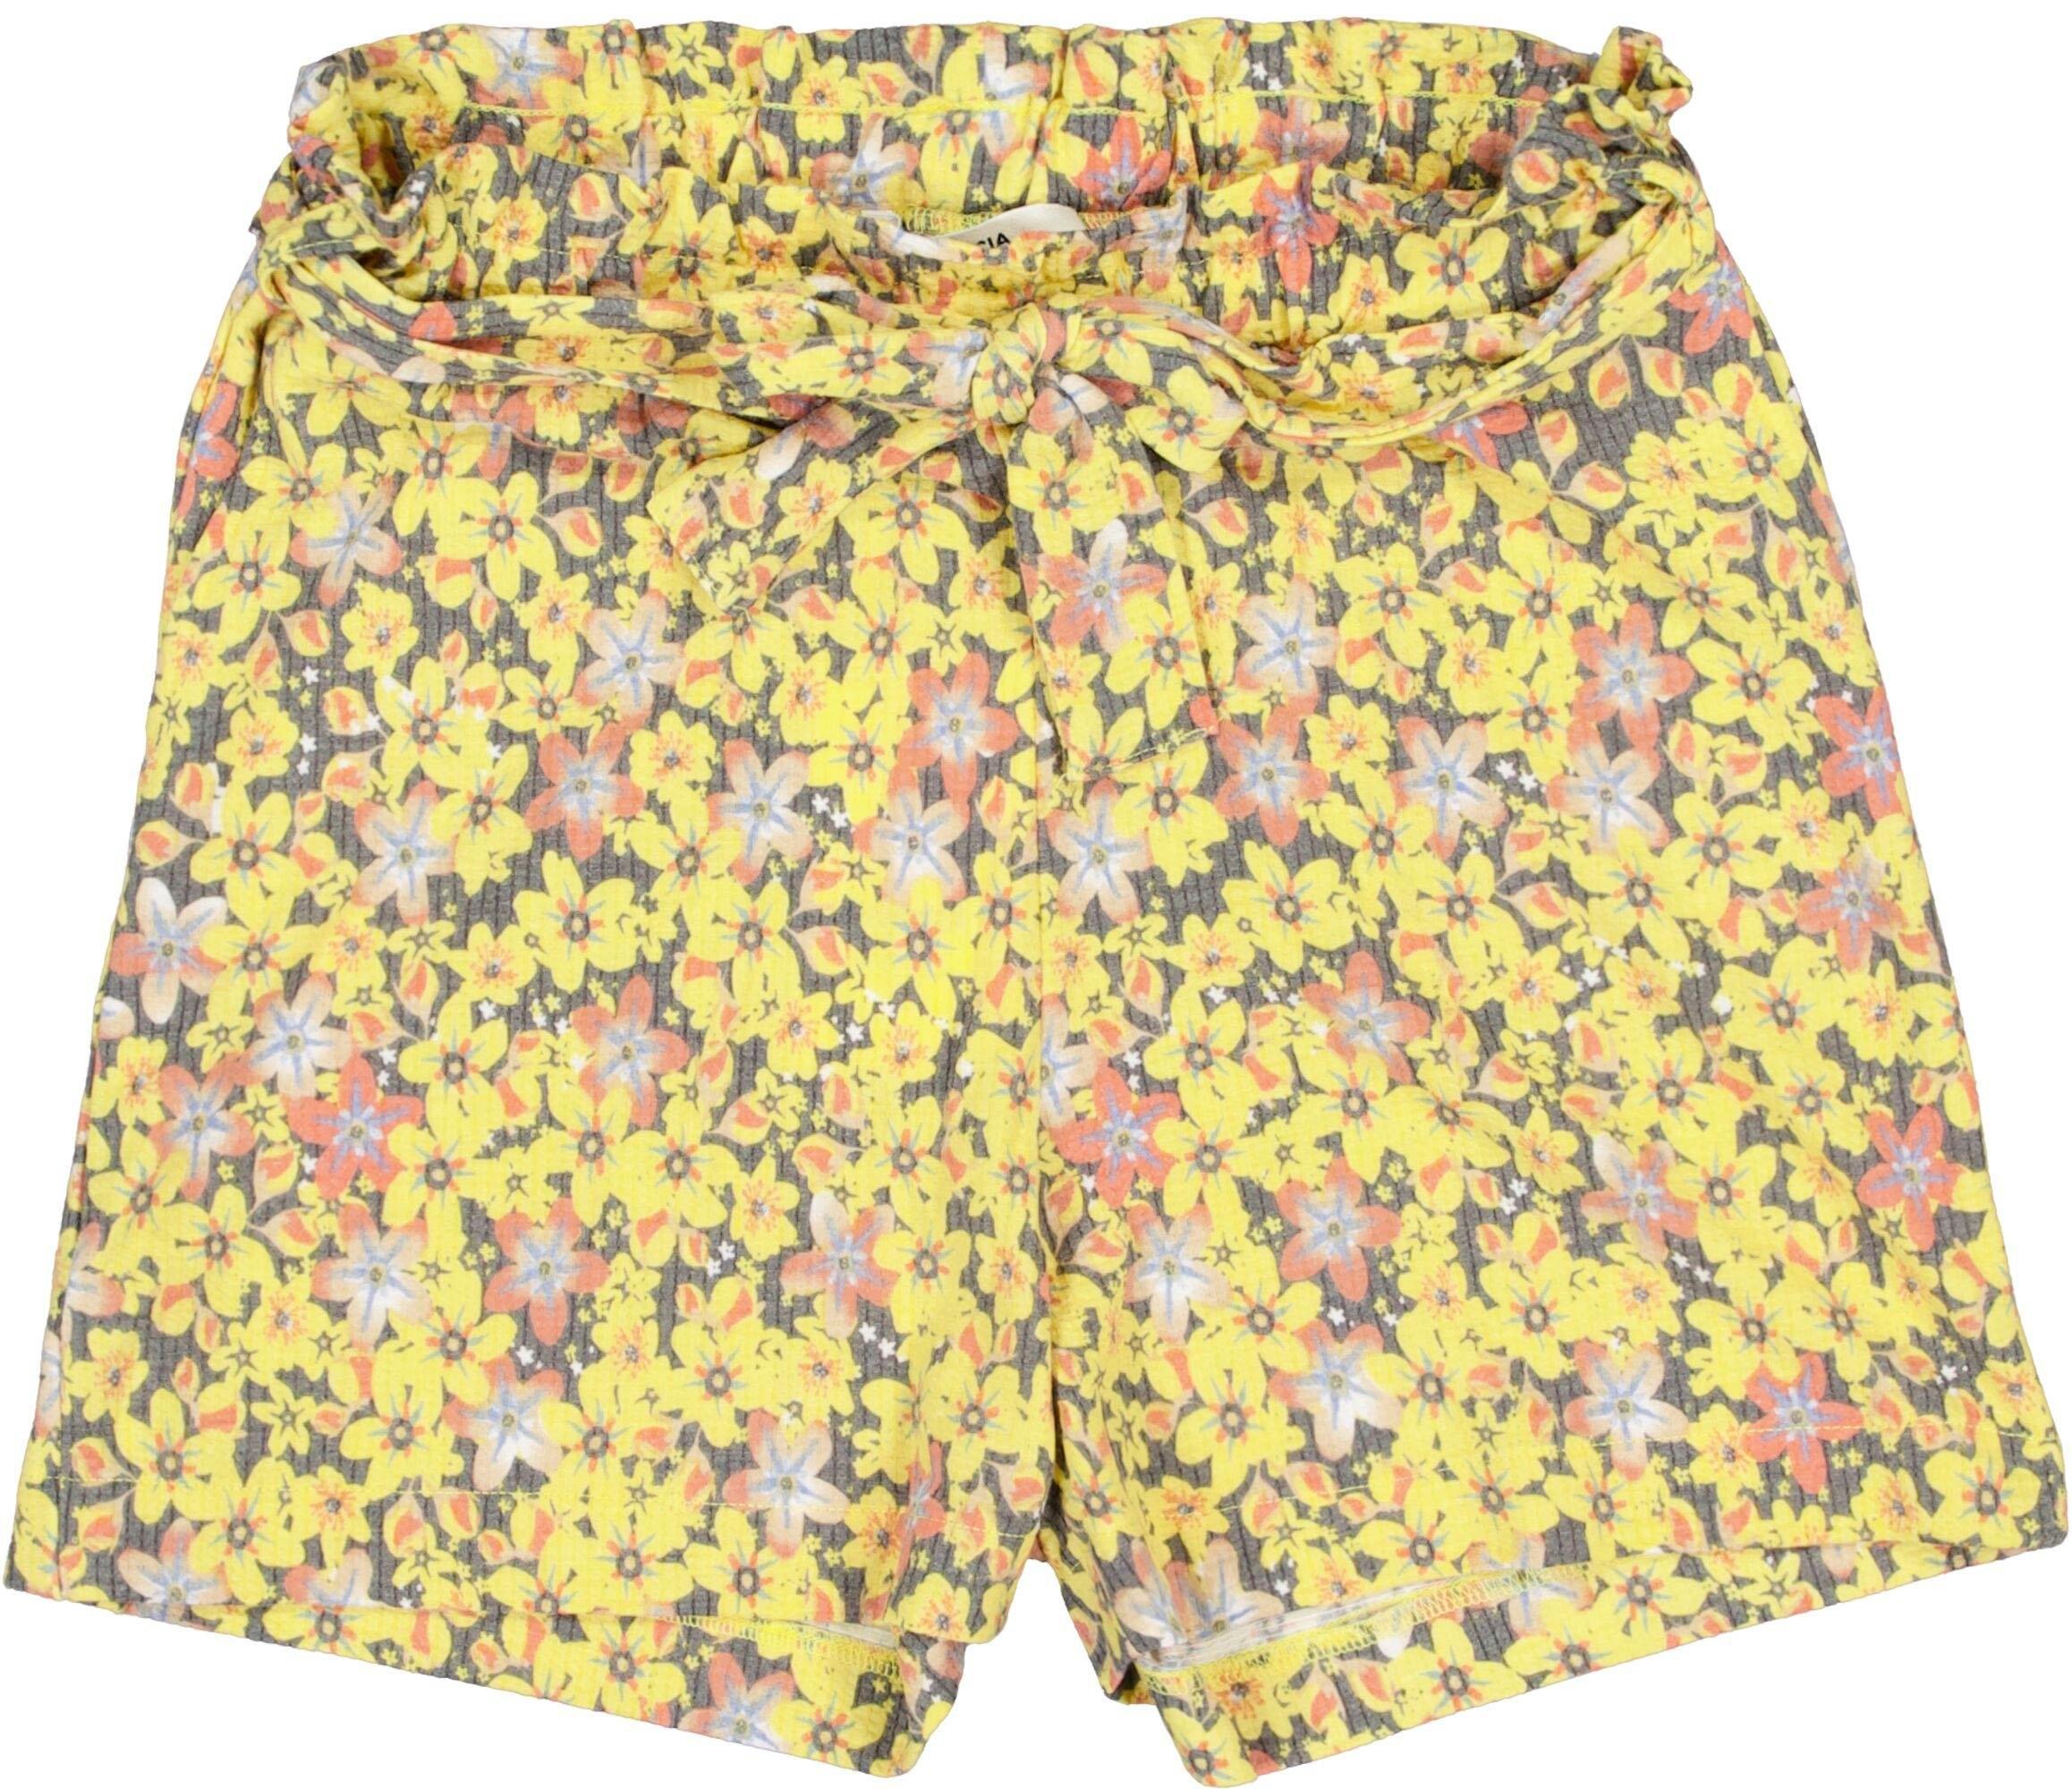 Garcia short met zomers bloemmotief (set, 2-delig, Met bindstrik) voordelig en veilig online kopen